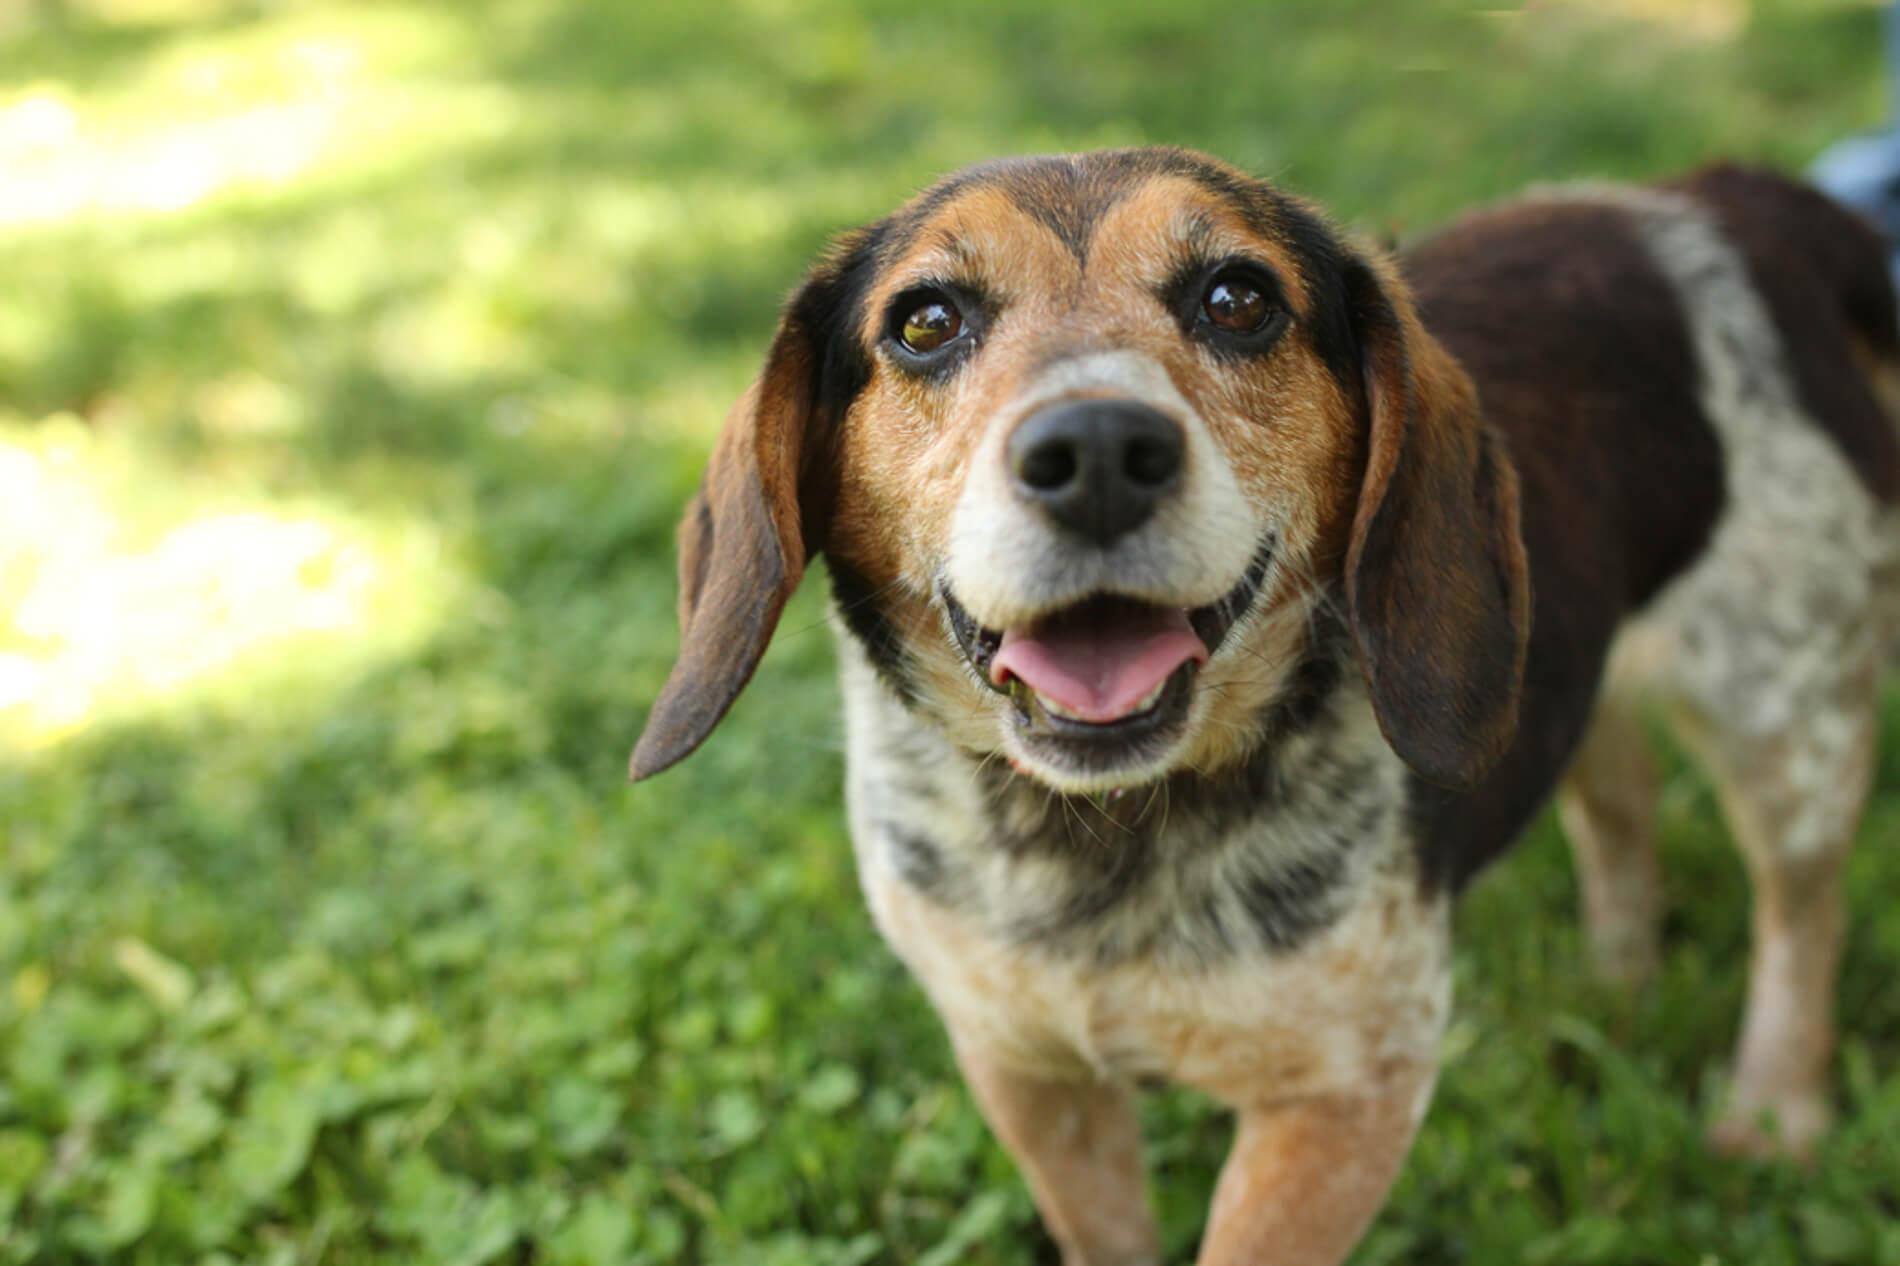 Providence Animal Center life savers club